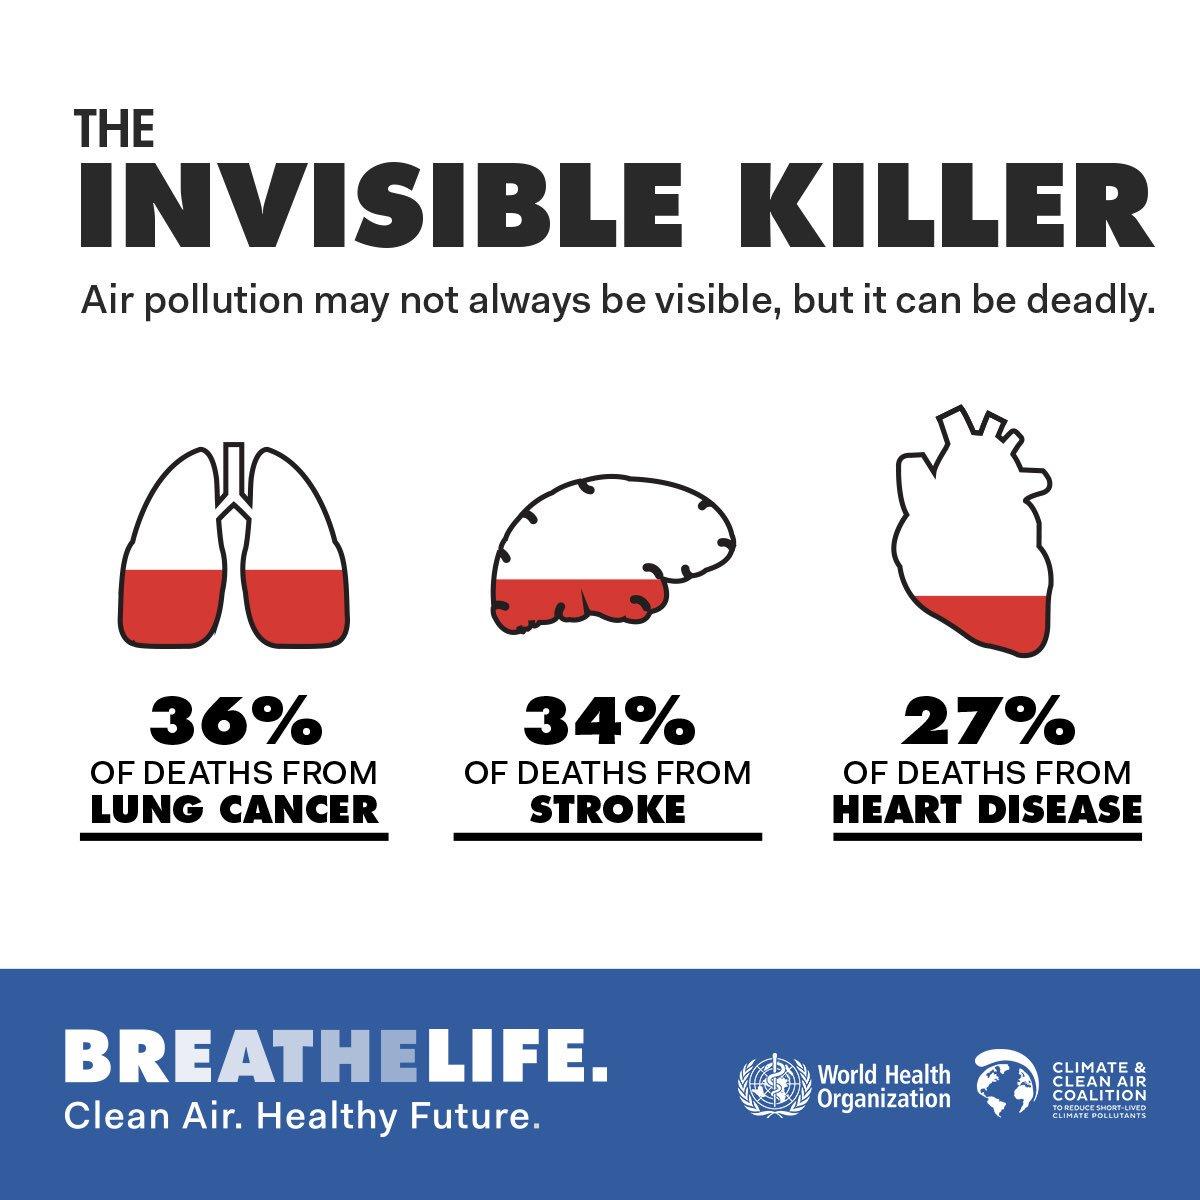 6,5 millones de personas mueren cada año de enfermedades relacionadas con la contaminación del aire. (OMS).  https://t.co/iQ2iGvJAtZ